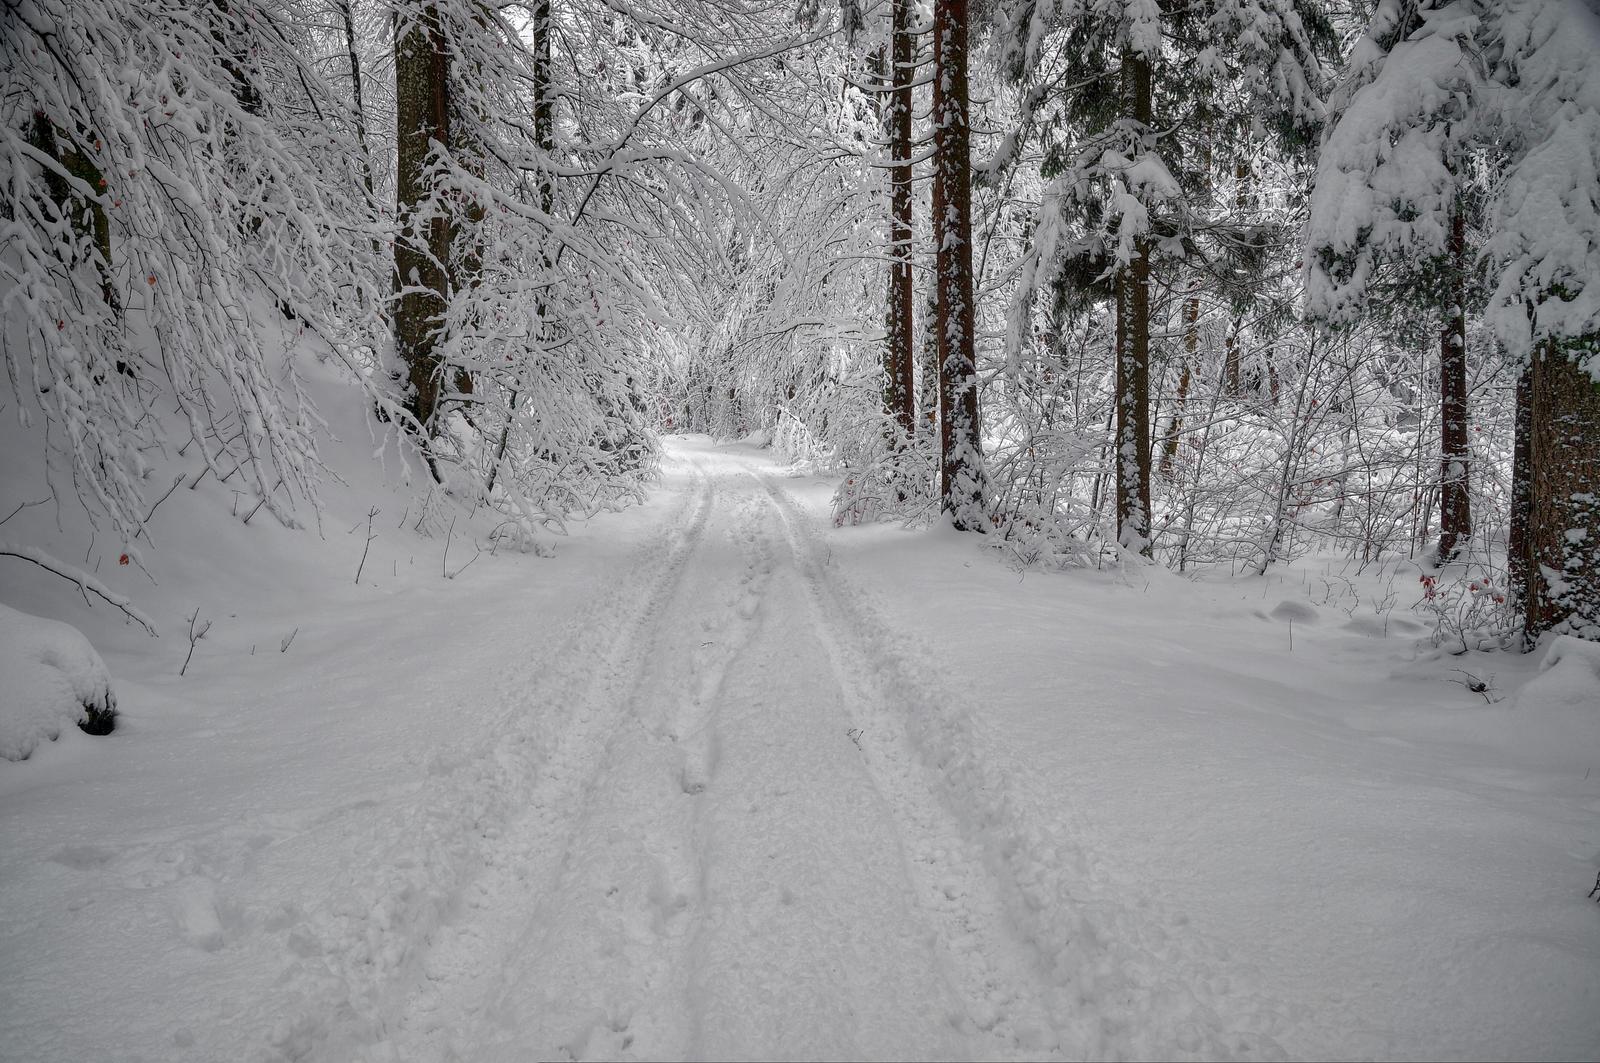 New Snow by Burtn